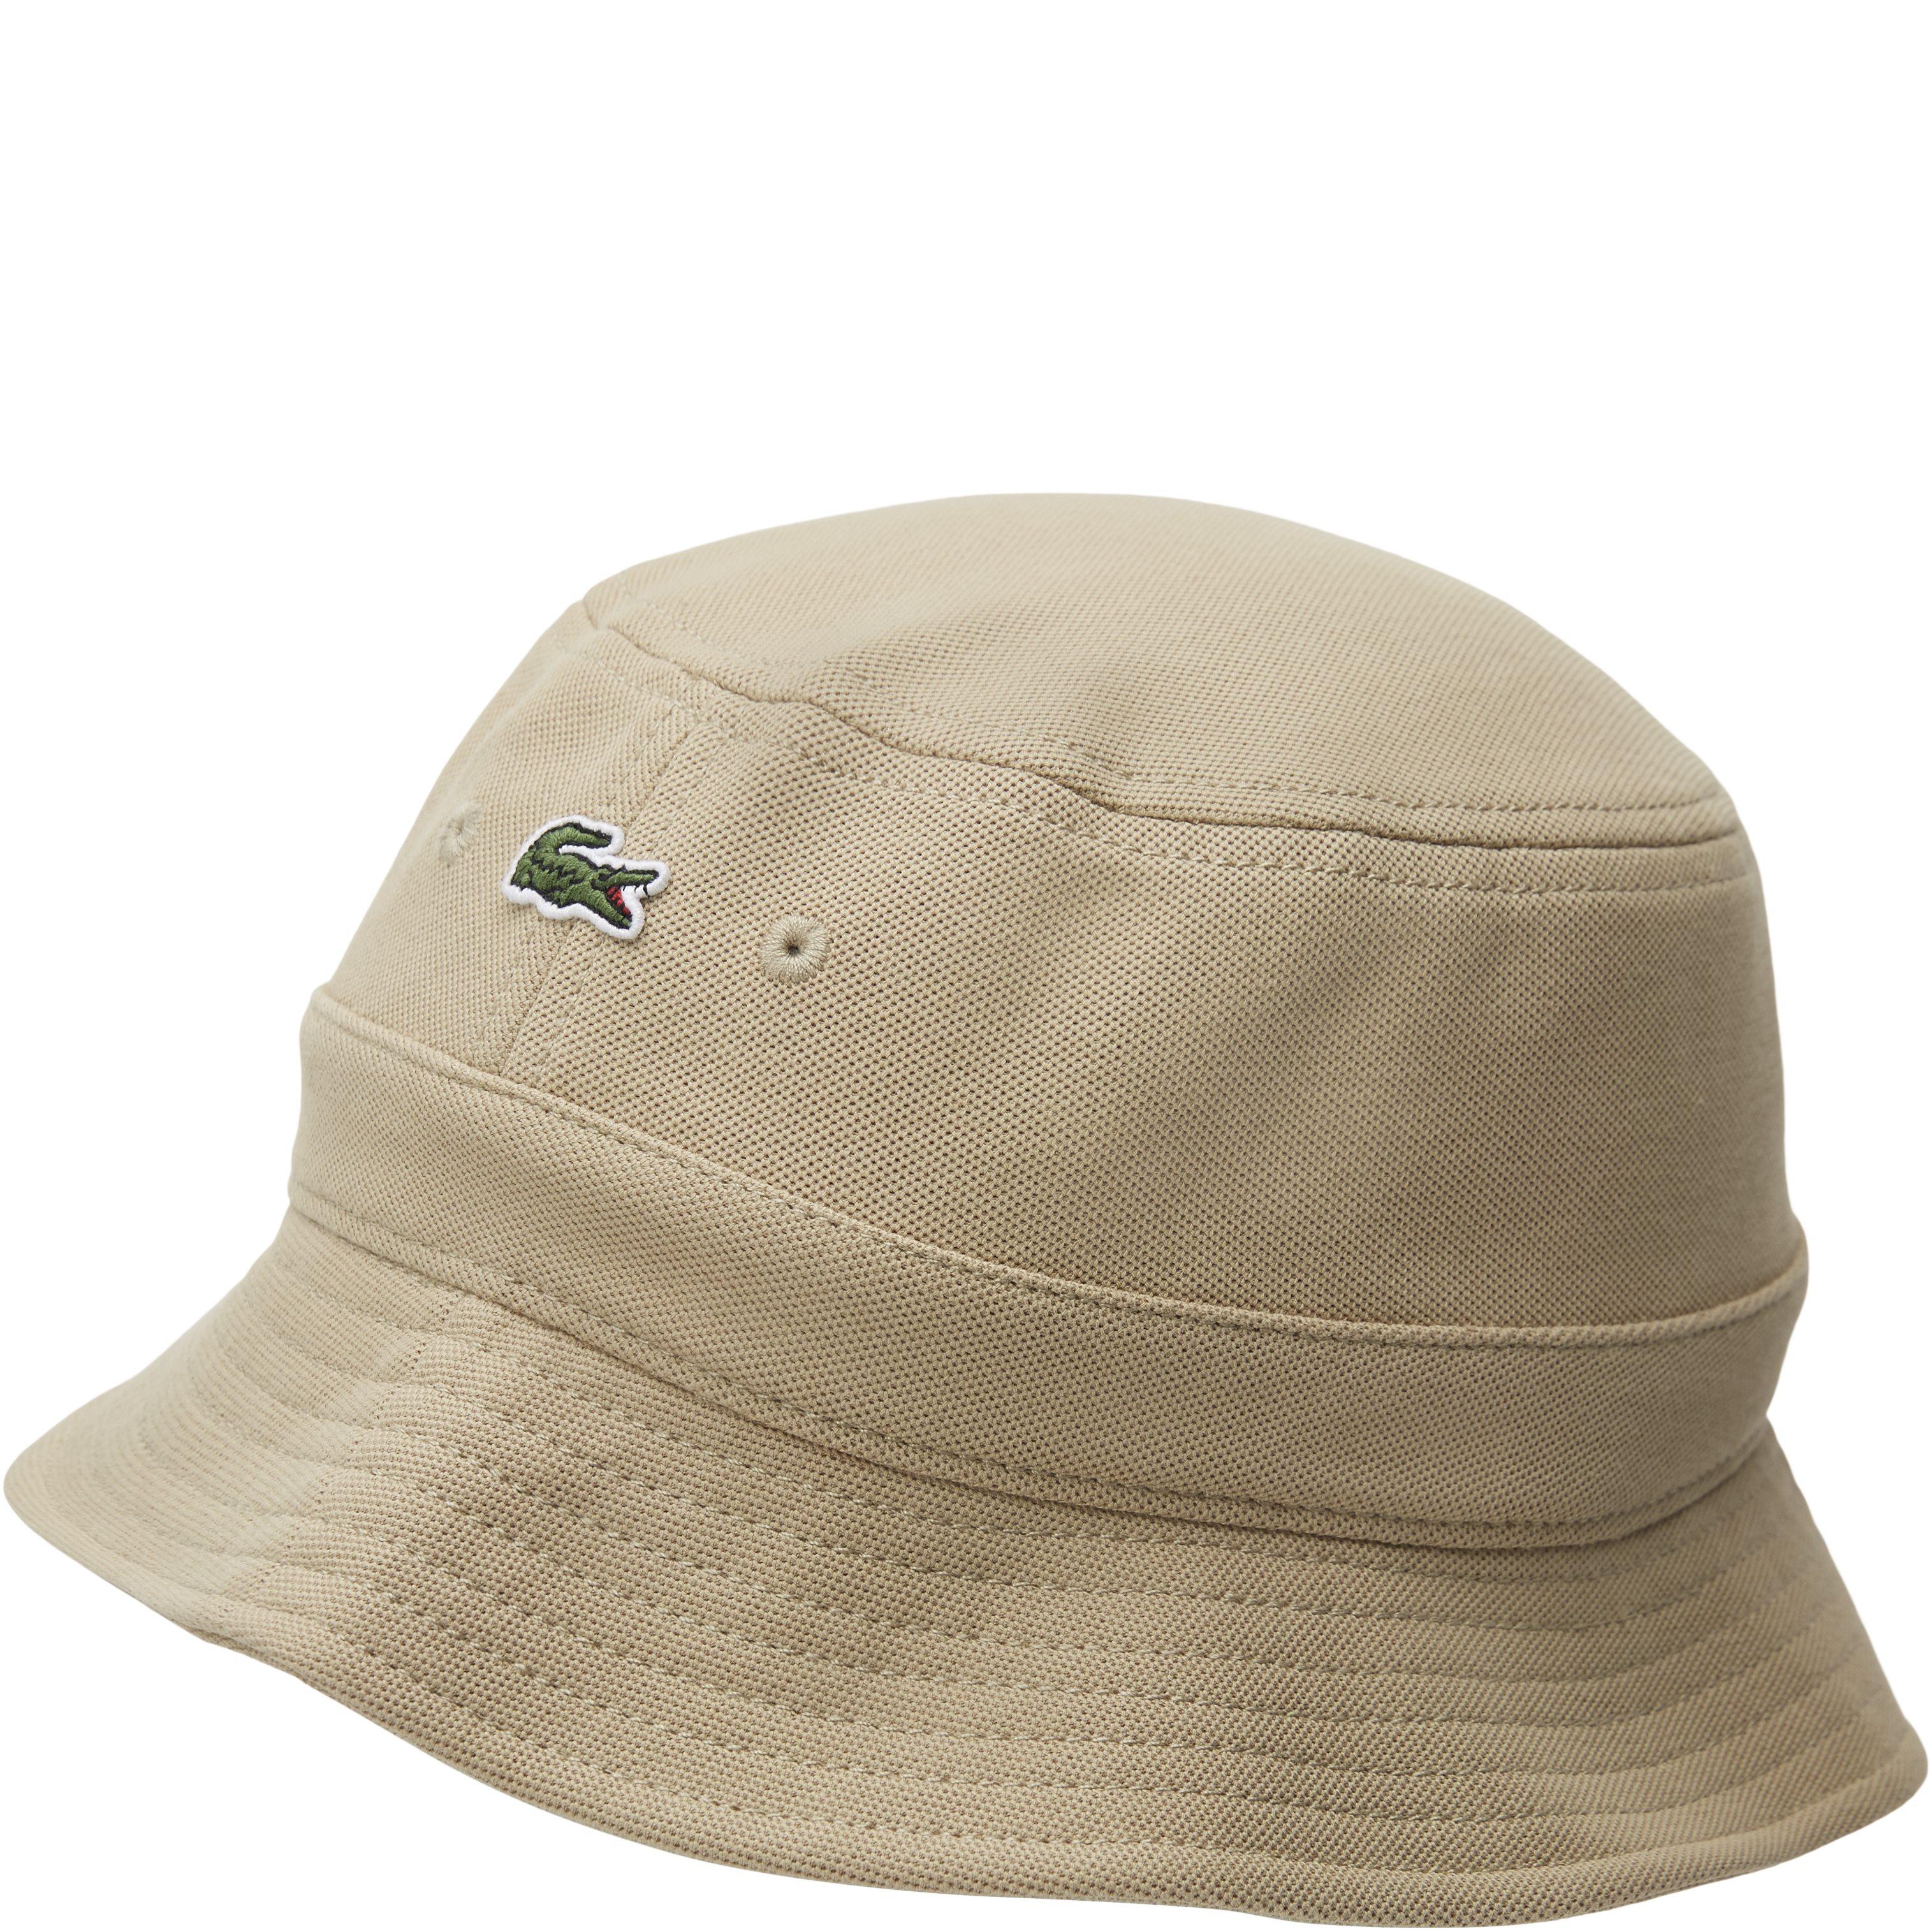 Cotton Piqué Hat - Caps - Sand